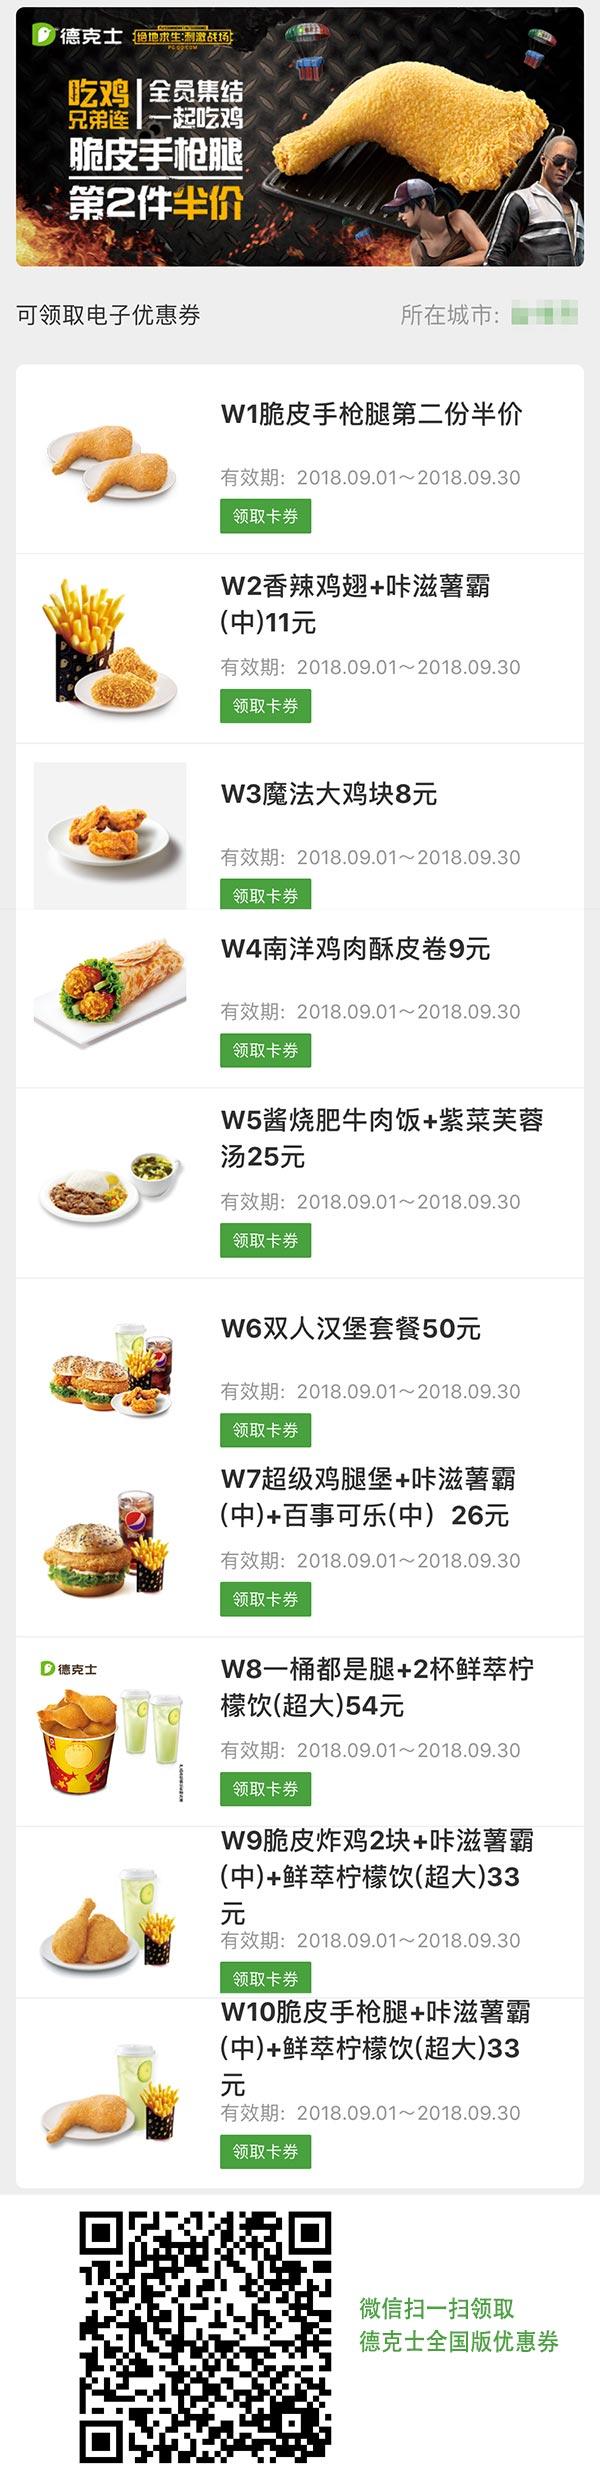 德克士2018年9月全国版优惠券,W1-W10多款德克士美食享优惠价